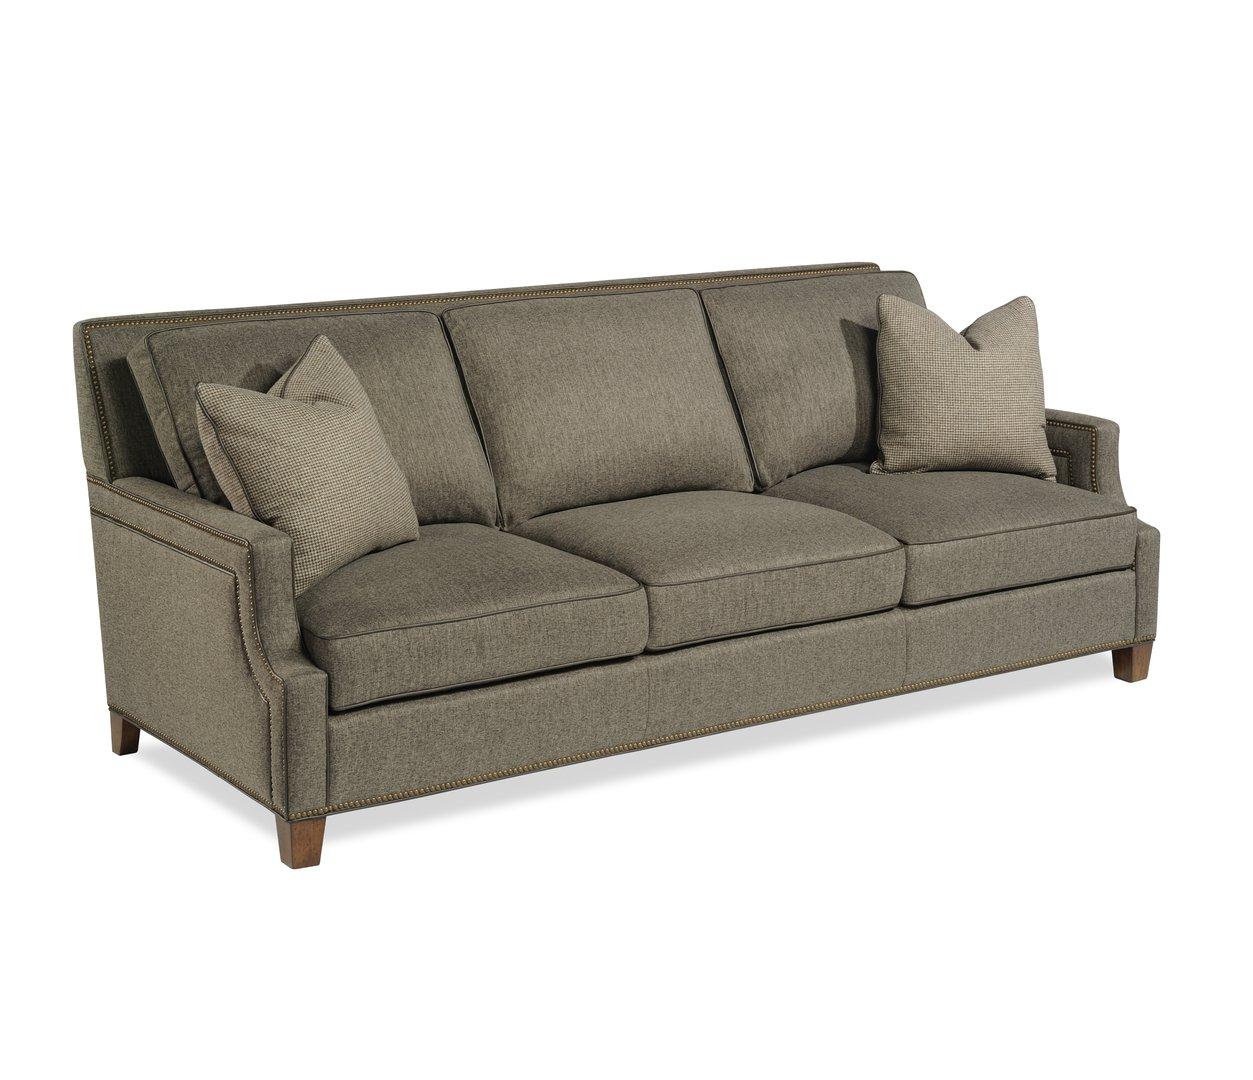 Wilcox Sofa Image